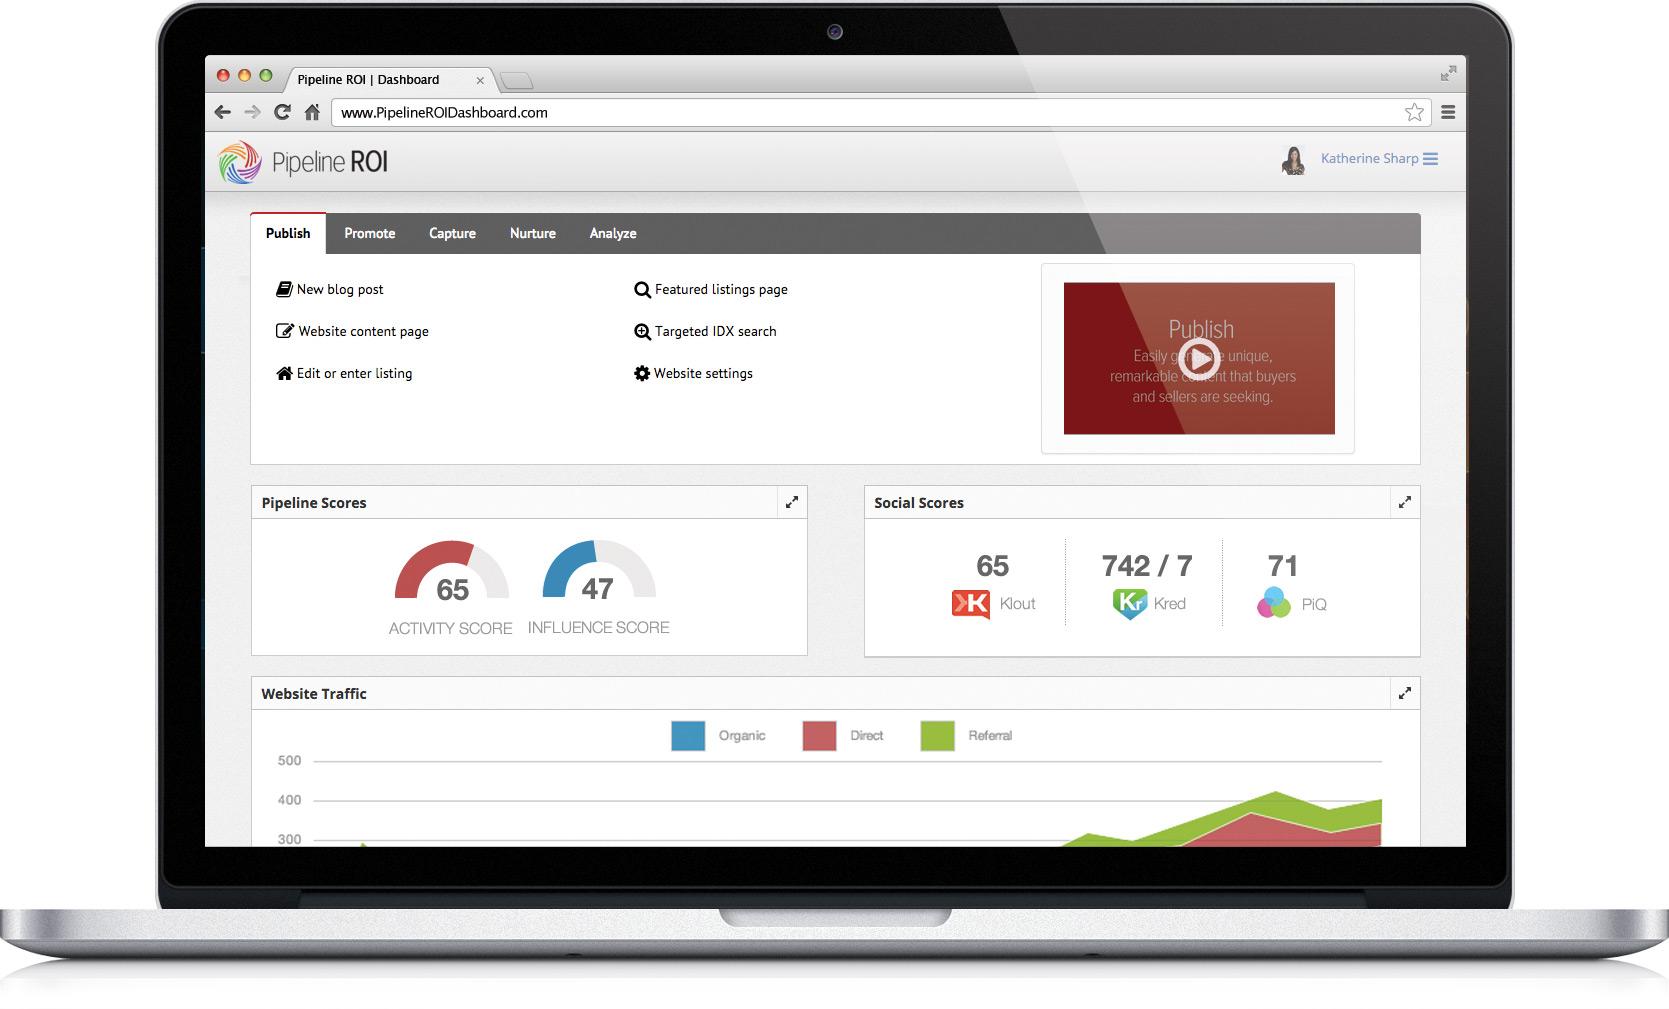 Pipeline ROI inbound marketing dashboard shown on MacBook